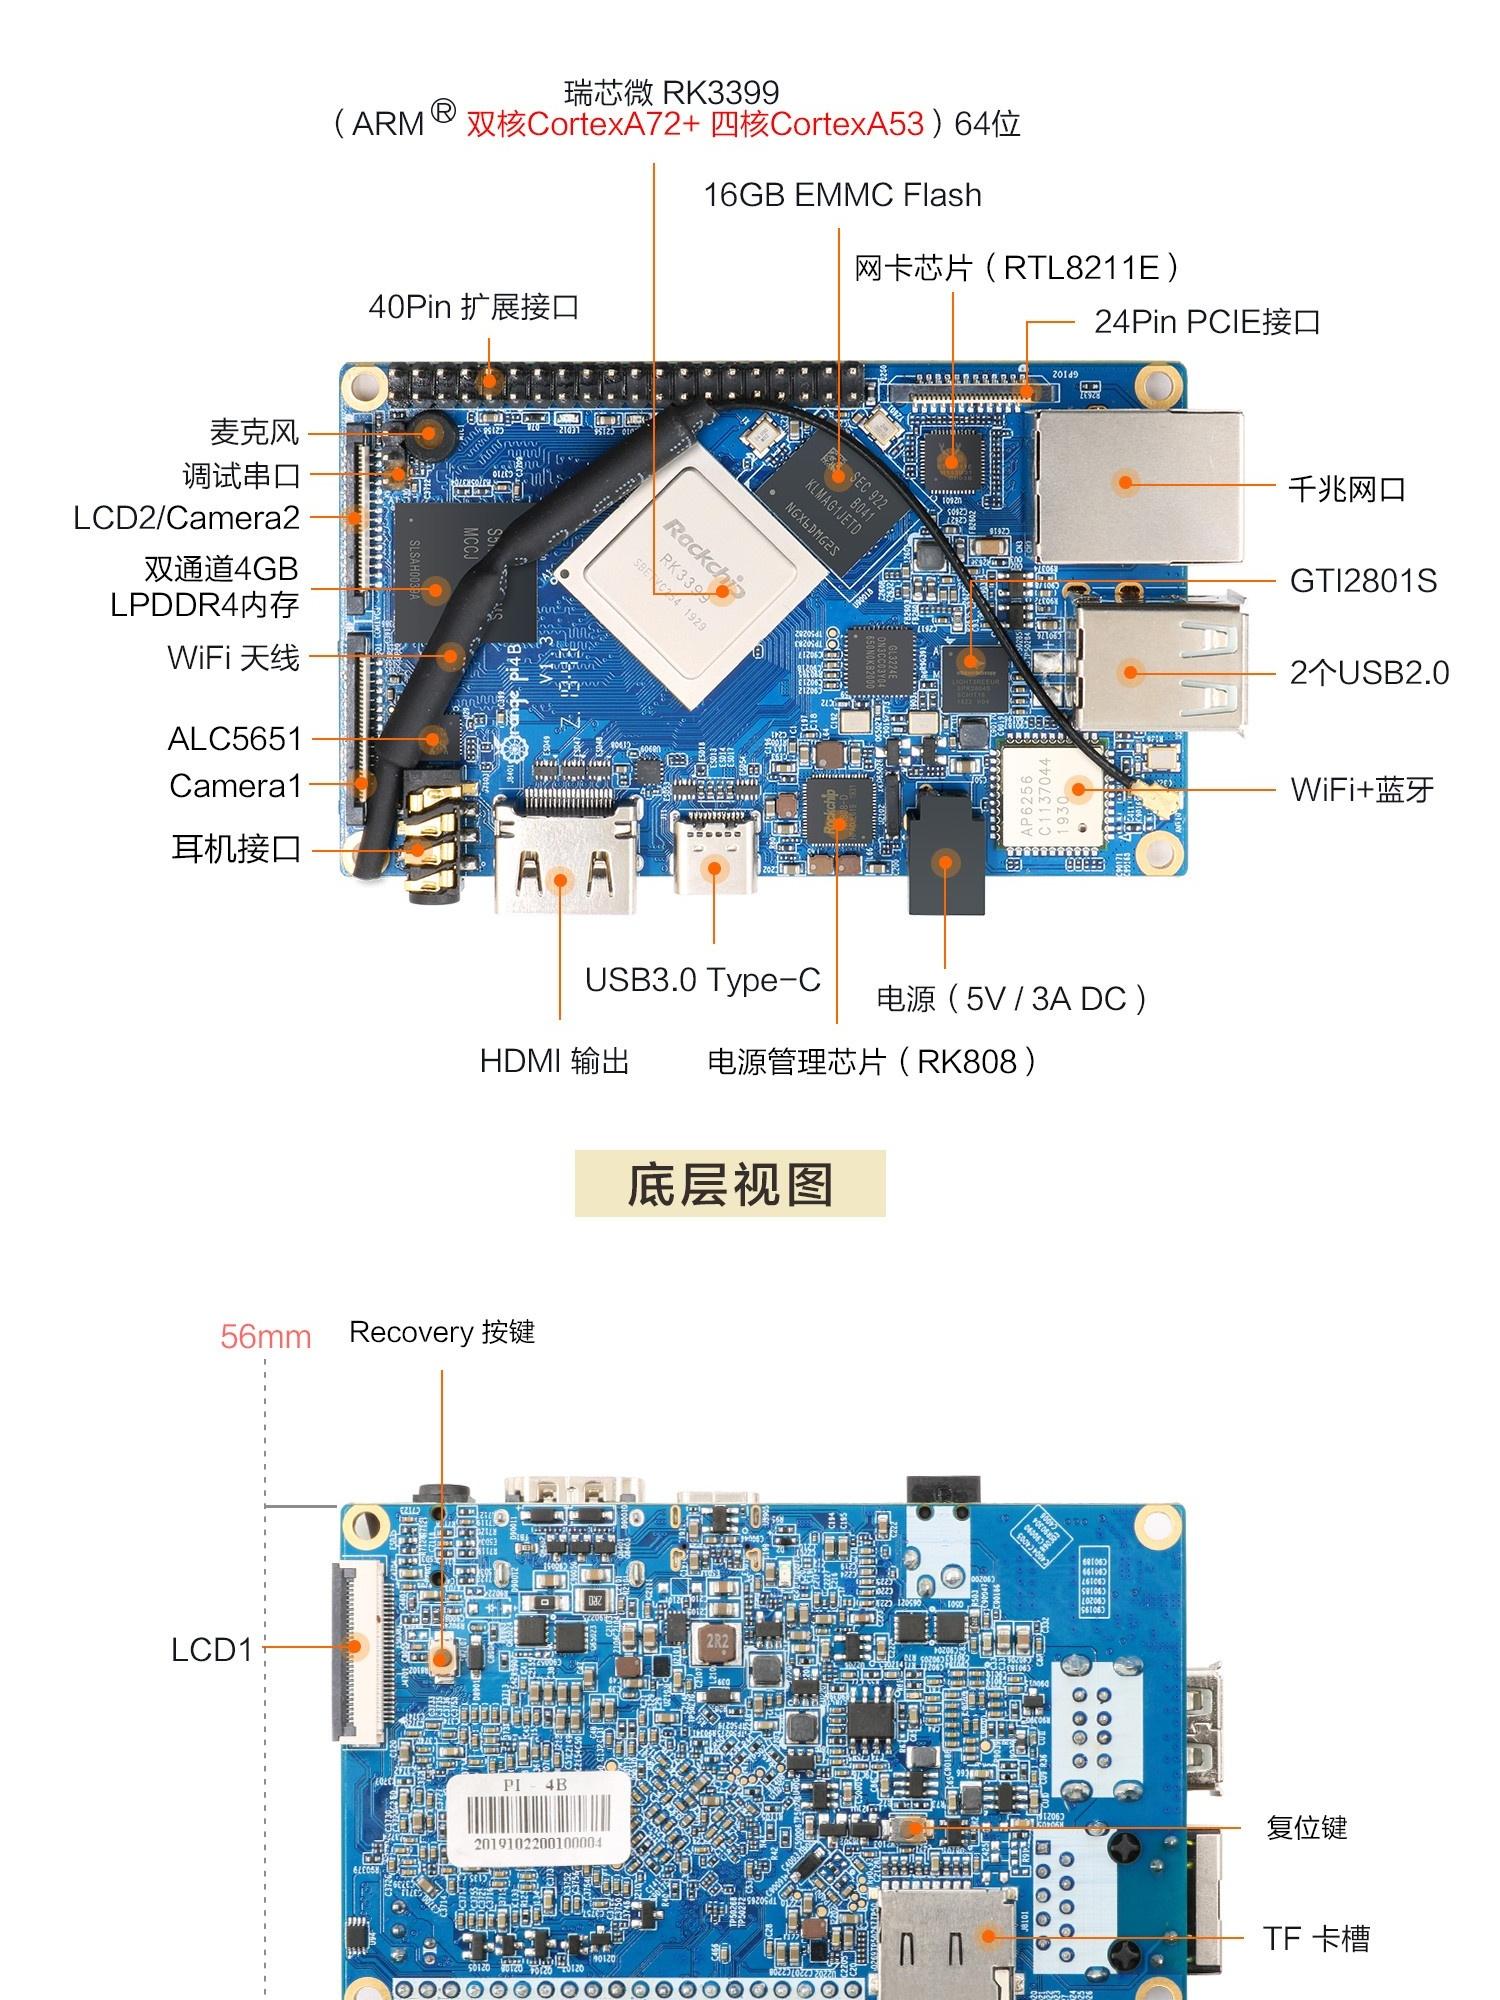 基于RK3399的Orange Pi 4B月底要上了,对标树莓派4B,还多了16GB存储,增加了计算棒功能,大家怎么看